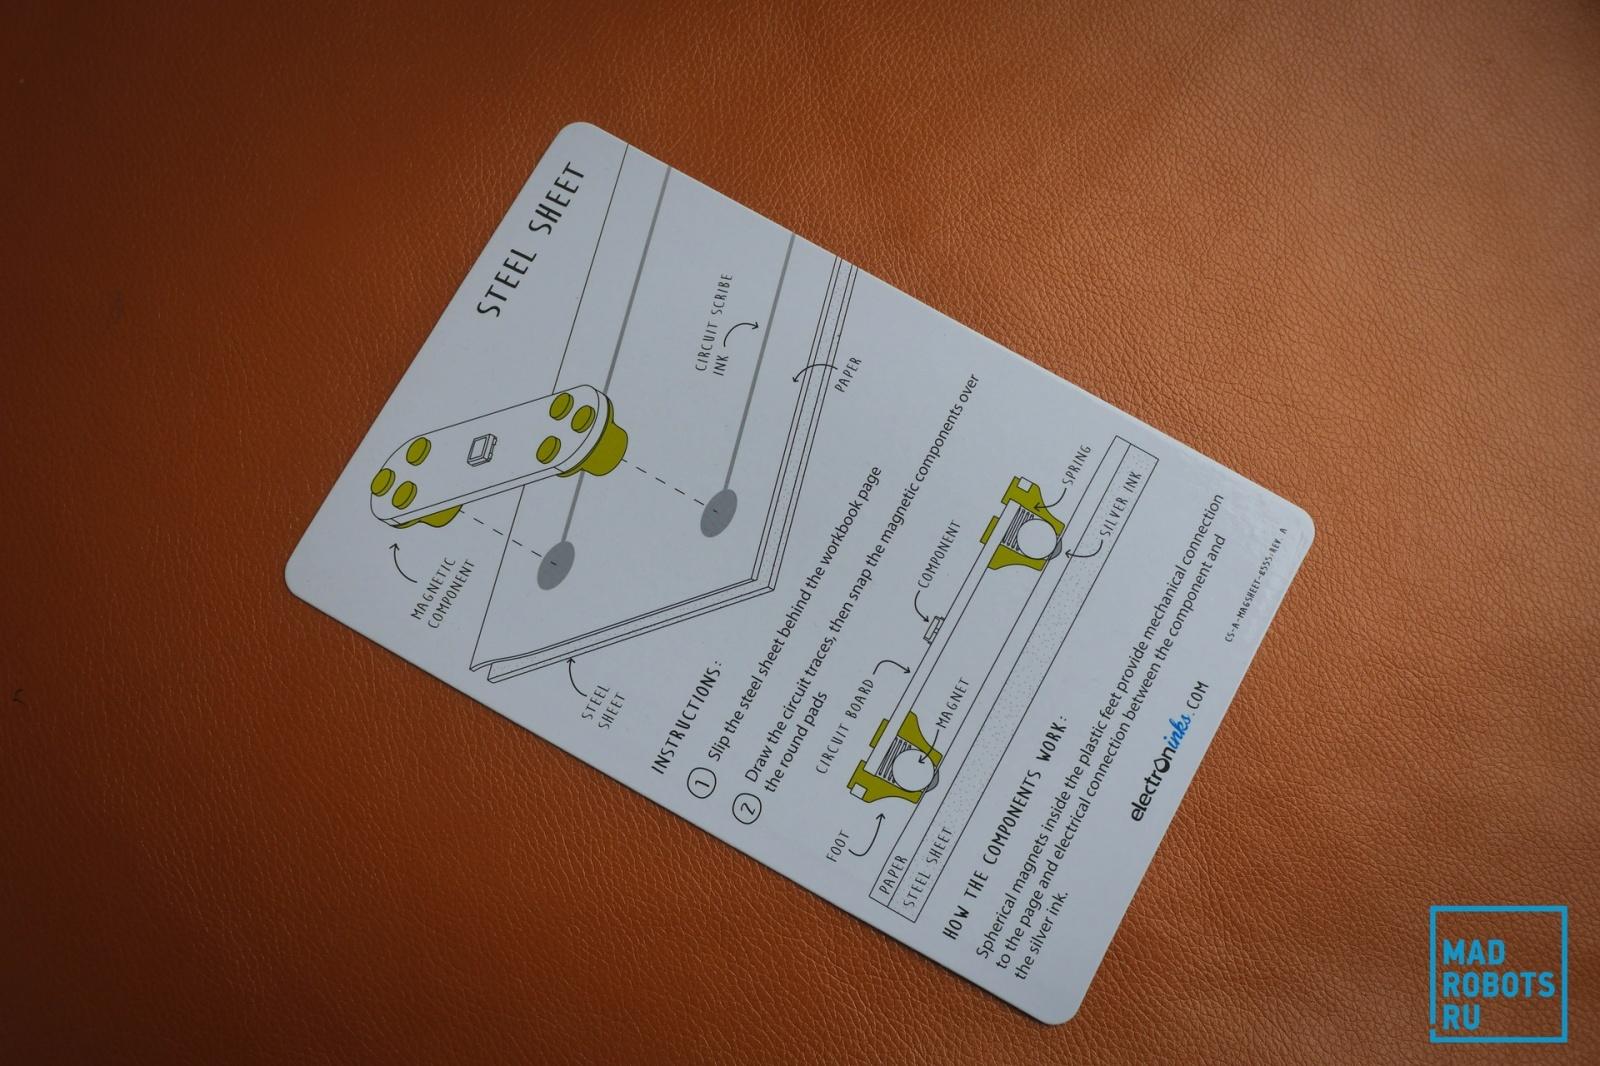 Обзор Circuit Scribe: рисуем электронные схемы без проводов и макетных плат - 10